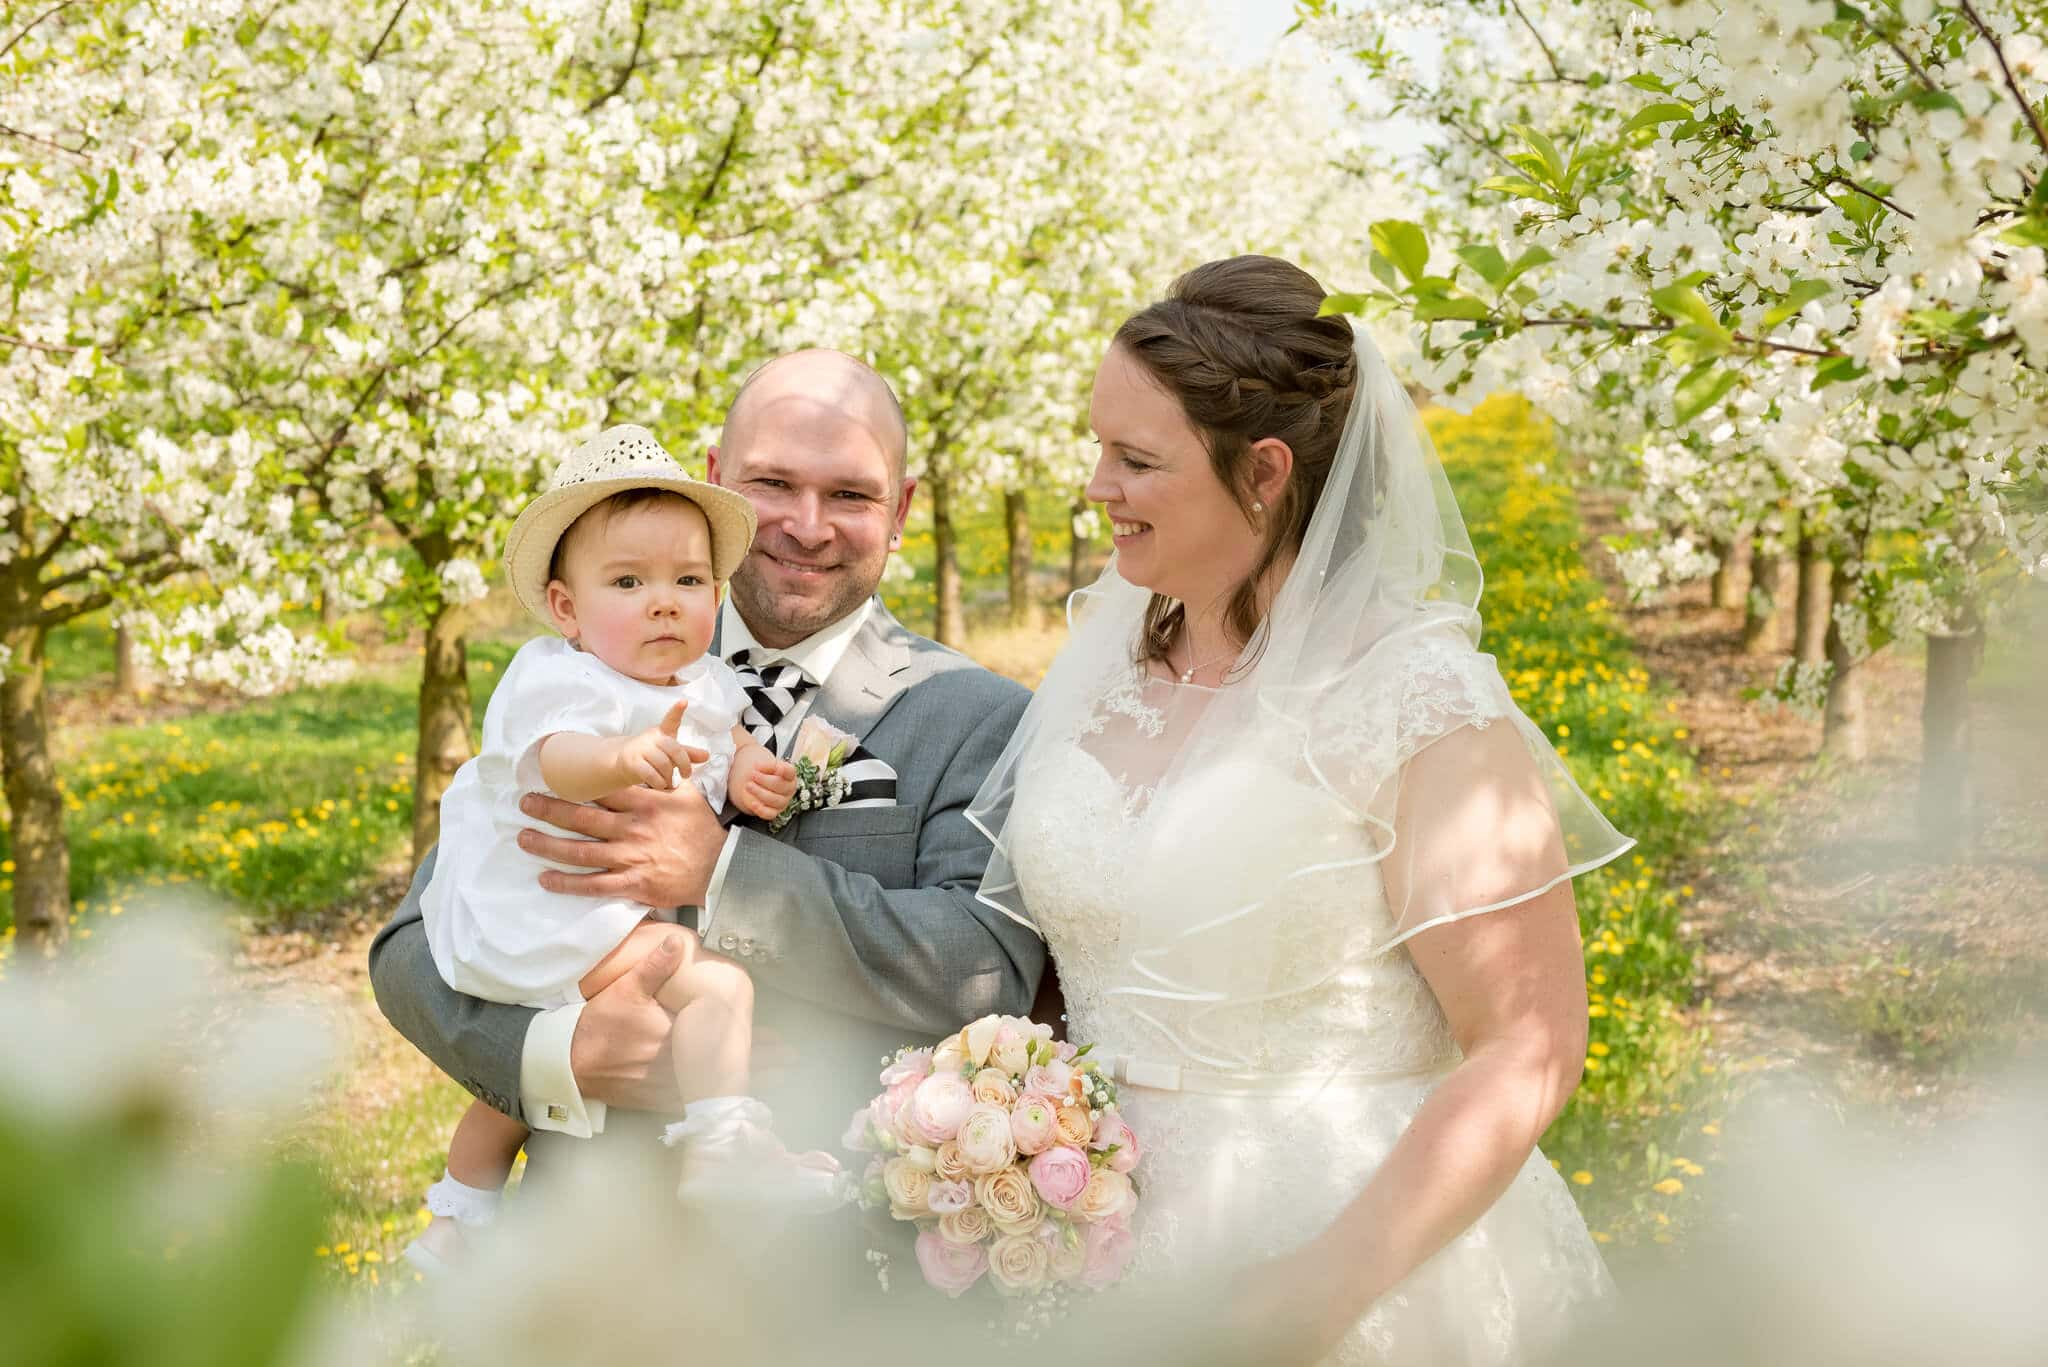 Hochzeits-Familien-Shooting währen der Apfelblüte. Foto: Stephan Benz